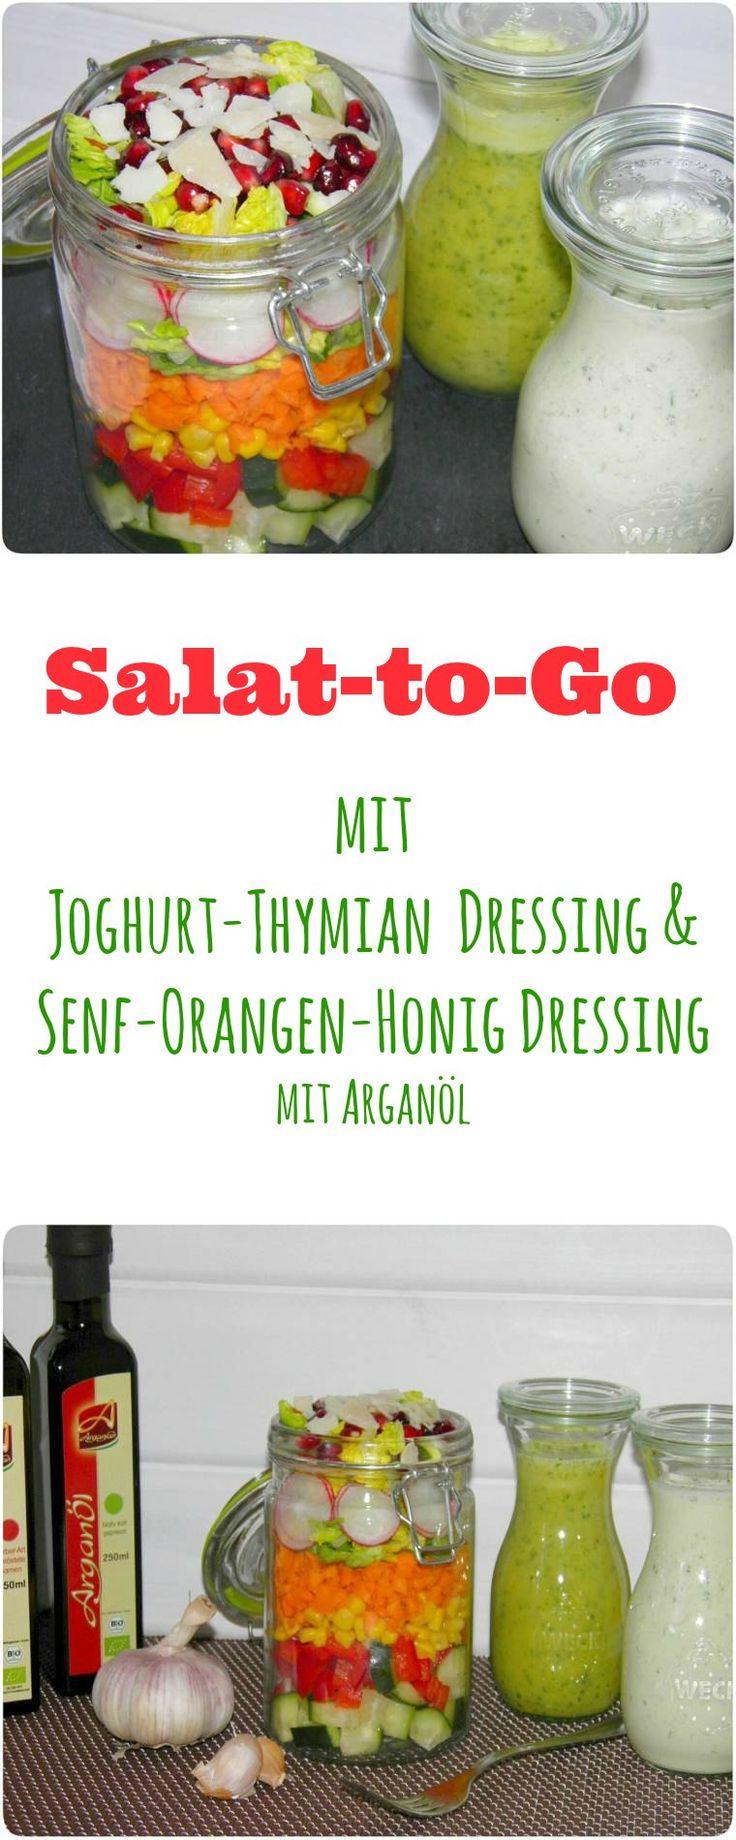 Habt Ihr schon mal Salat to go im Glas gesehen? Nein, dann habt Ihr heute ein ganz tolles Rezept für ein gesundes Mittagessen in der Arbeit, unterwegs oder beim Picknick, welches Ihr schon am Abend vorbereiten könnt und morgens bequem aus dem Kühlschrank swups in die Tasche steckt. Mit zwei leckeren Dressings: Joghurt-Thymian & Senf-Honig-Orange und leckeren Bio Arganöl. Im Thermomix oder im Mixer in 30 Sekunden hergestellt.